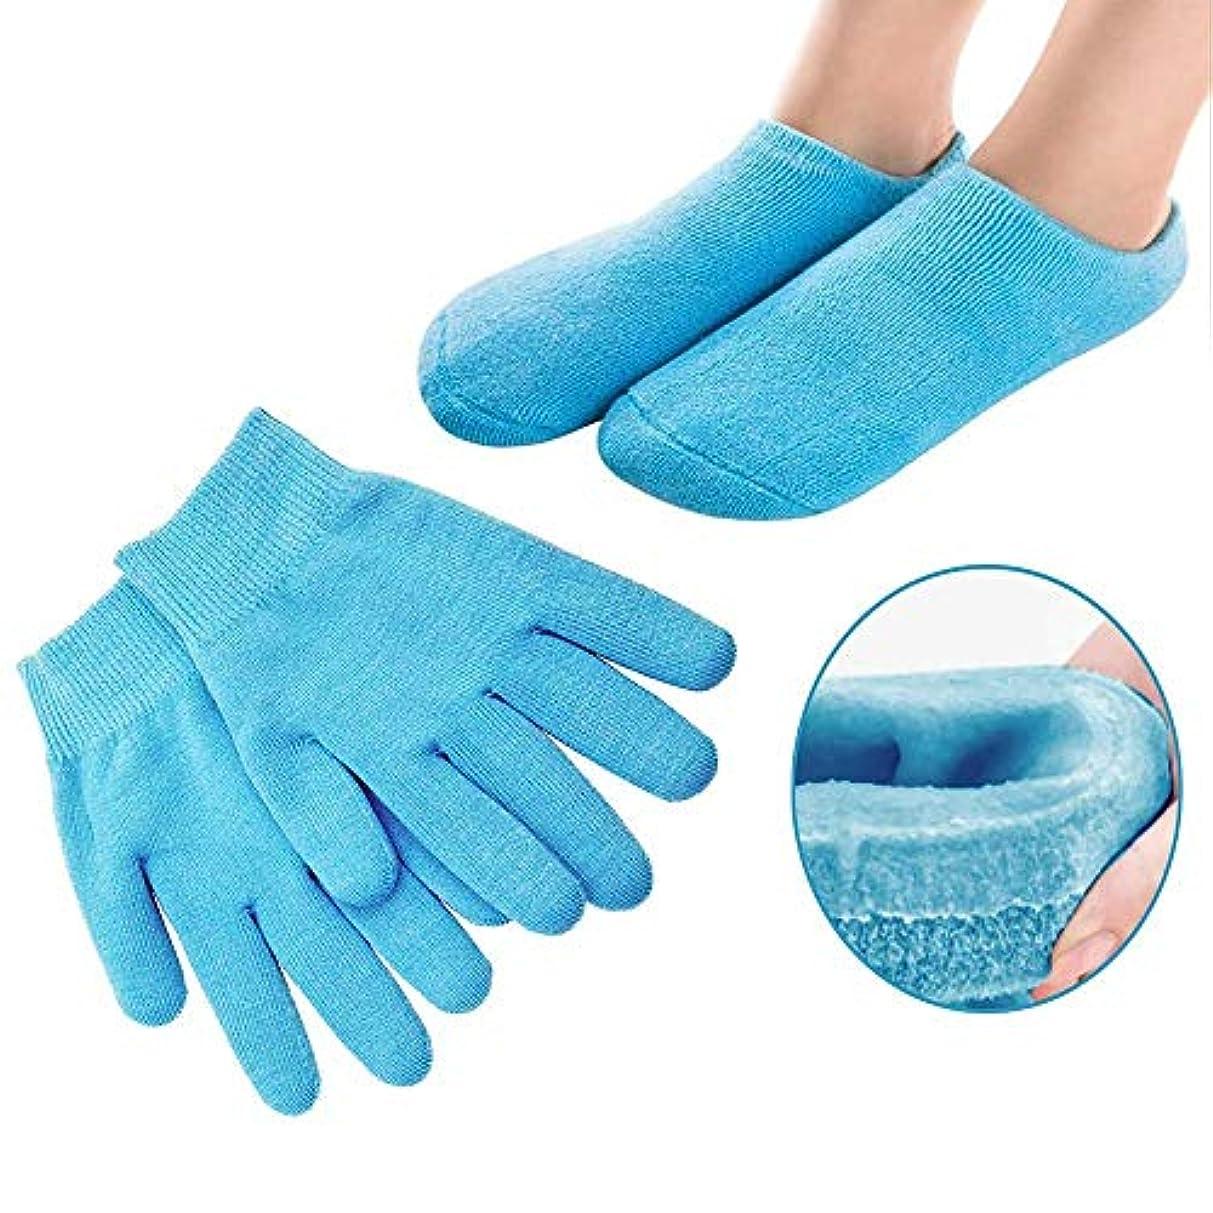 希少性エンジン意志Pinkiou 眠る森のSPAジェルグローブ+SPAジェルソックス 手アグローブ フットケアソックス 角質取り 保湿 かかとケア オープントゥ 素肌美人 靴下と手袋セット いいお肌になりましょう(ブルー)